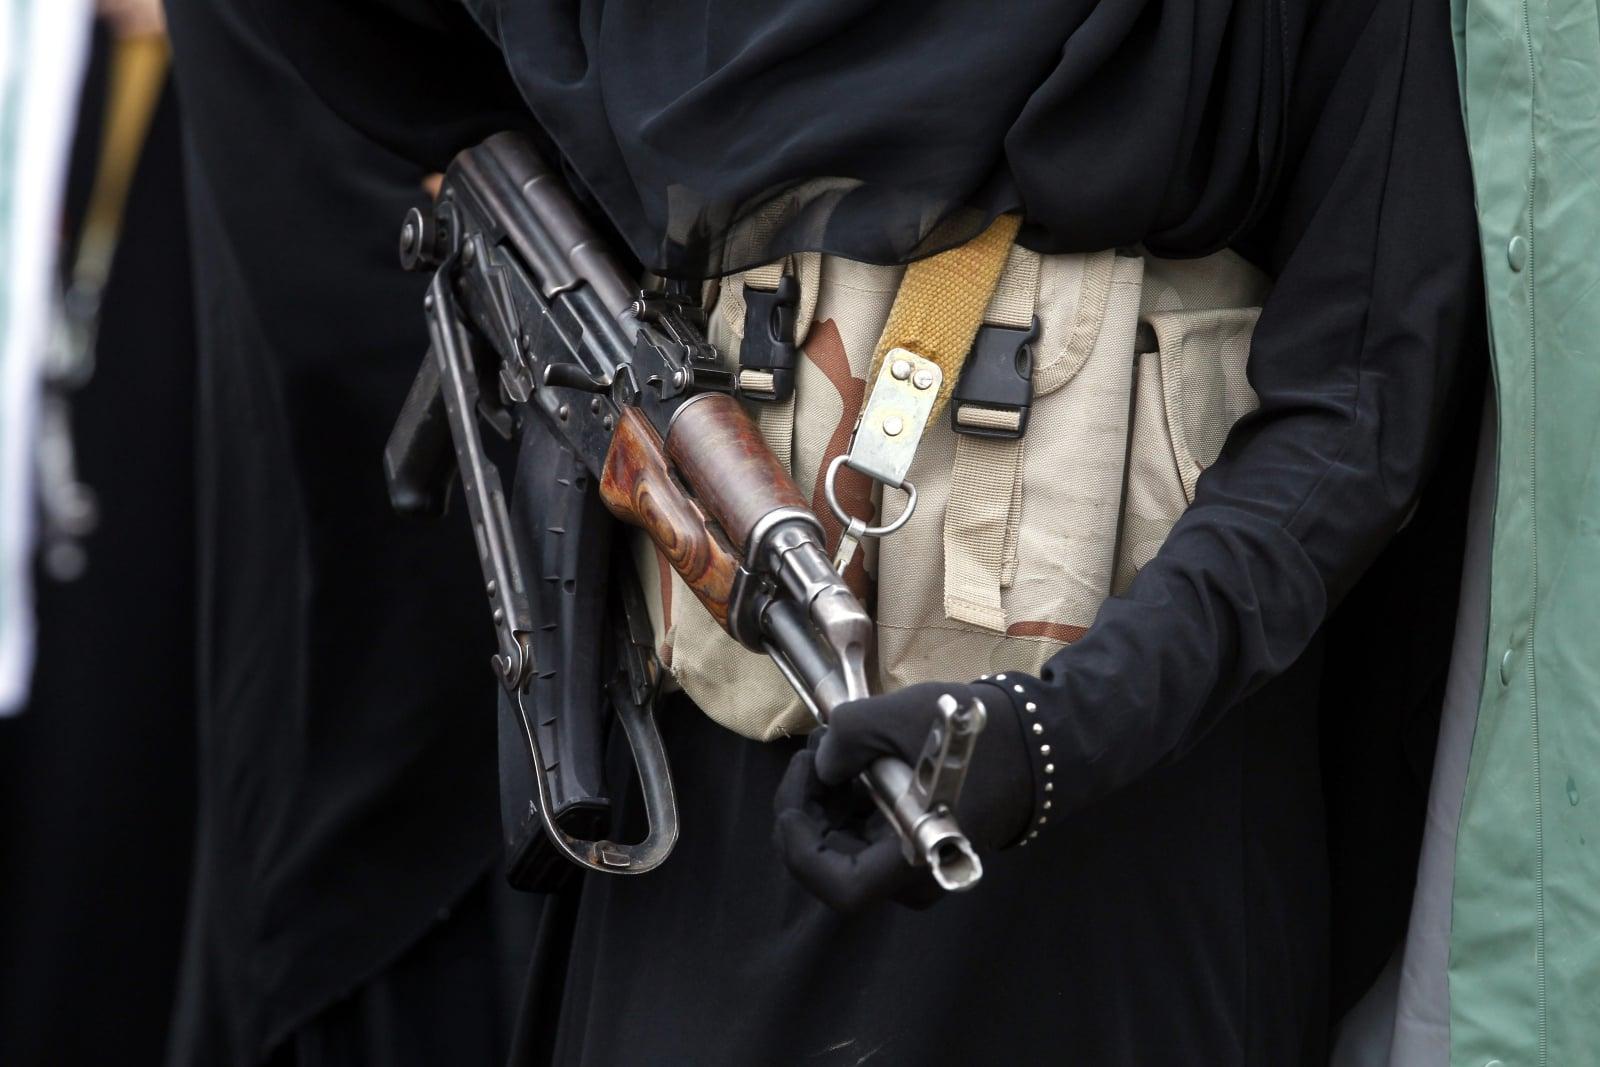 Uzbrojona kobieta bierze udział w akcjo bojowej, Jemen.